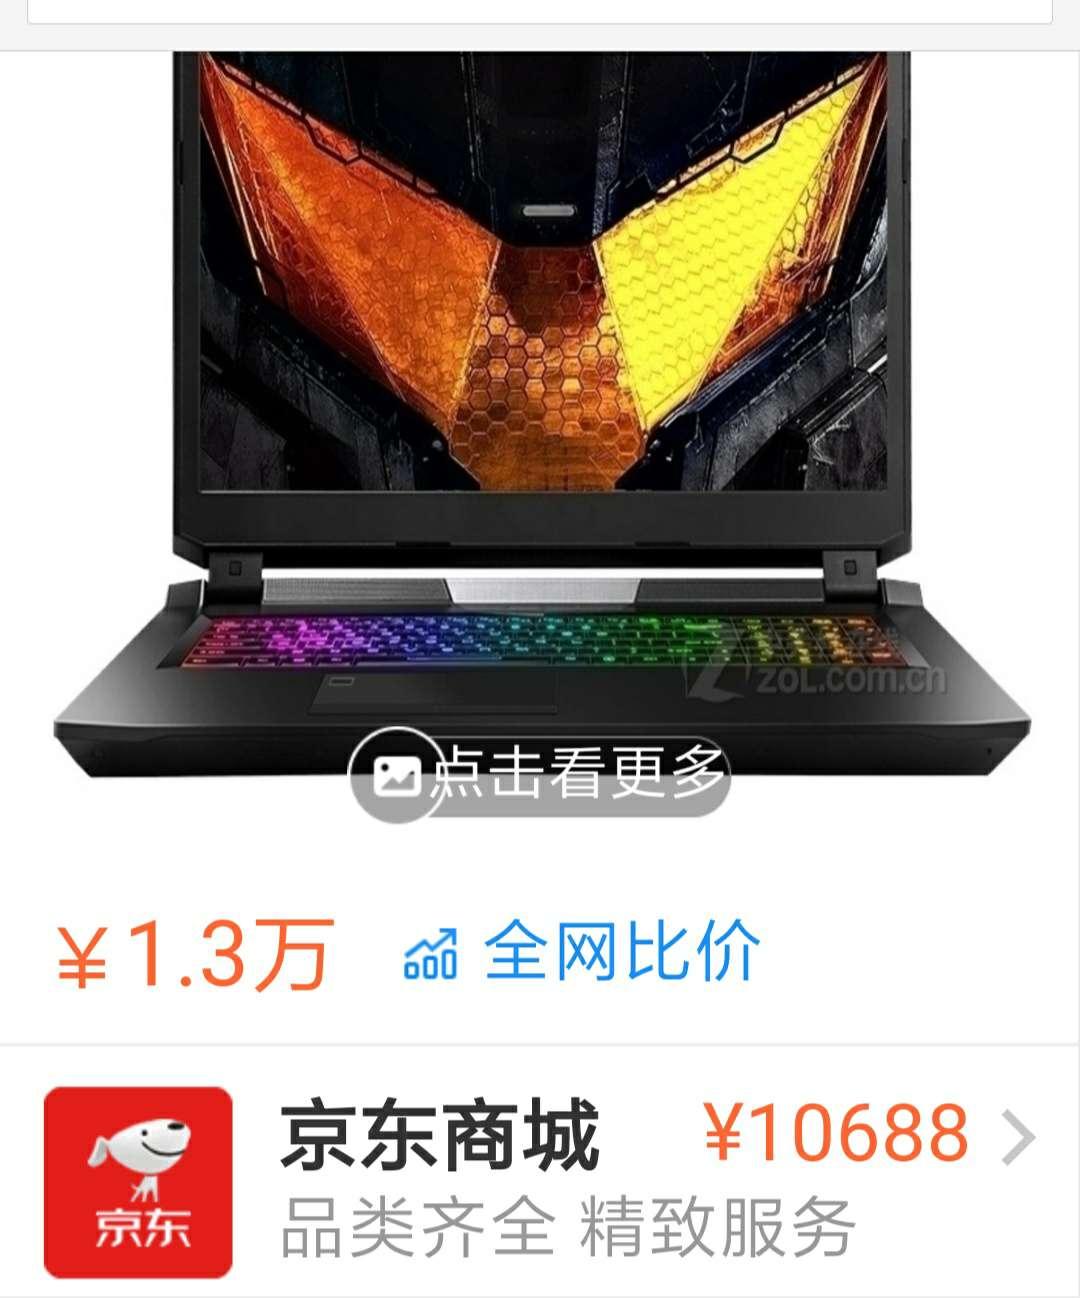 炫龙 V87P和华为MateBook 13哪个好?